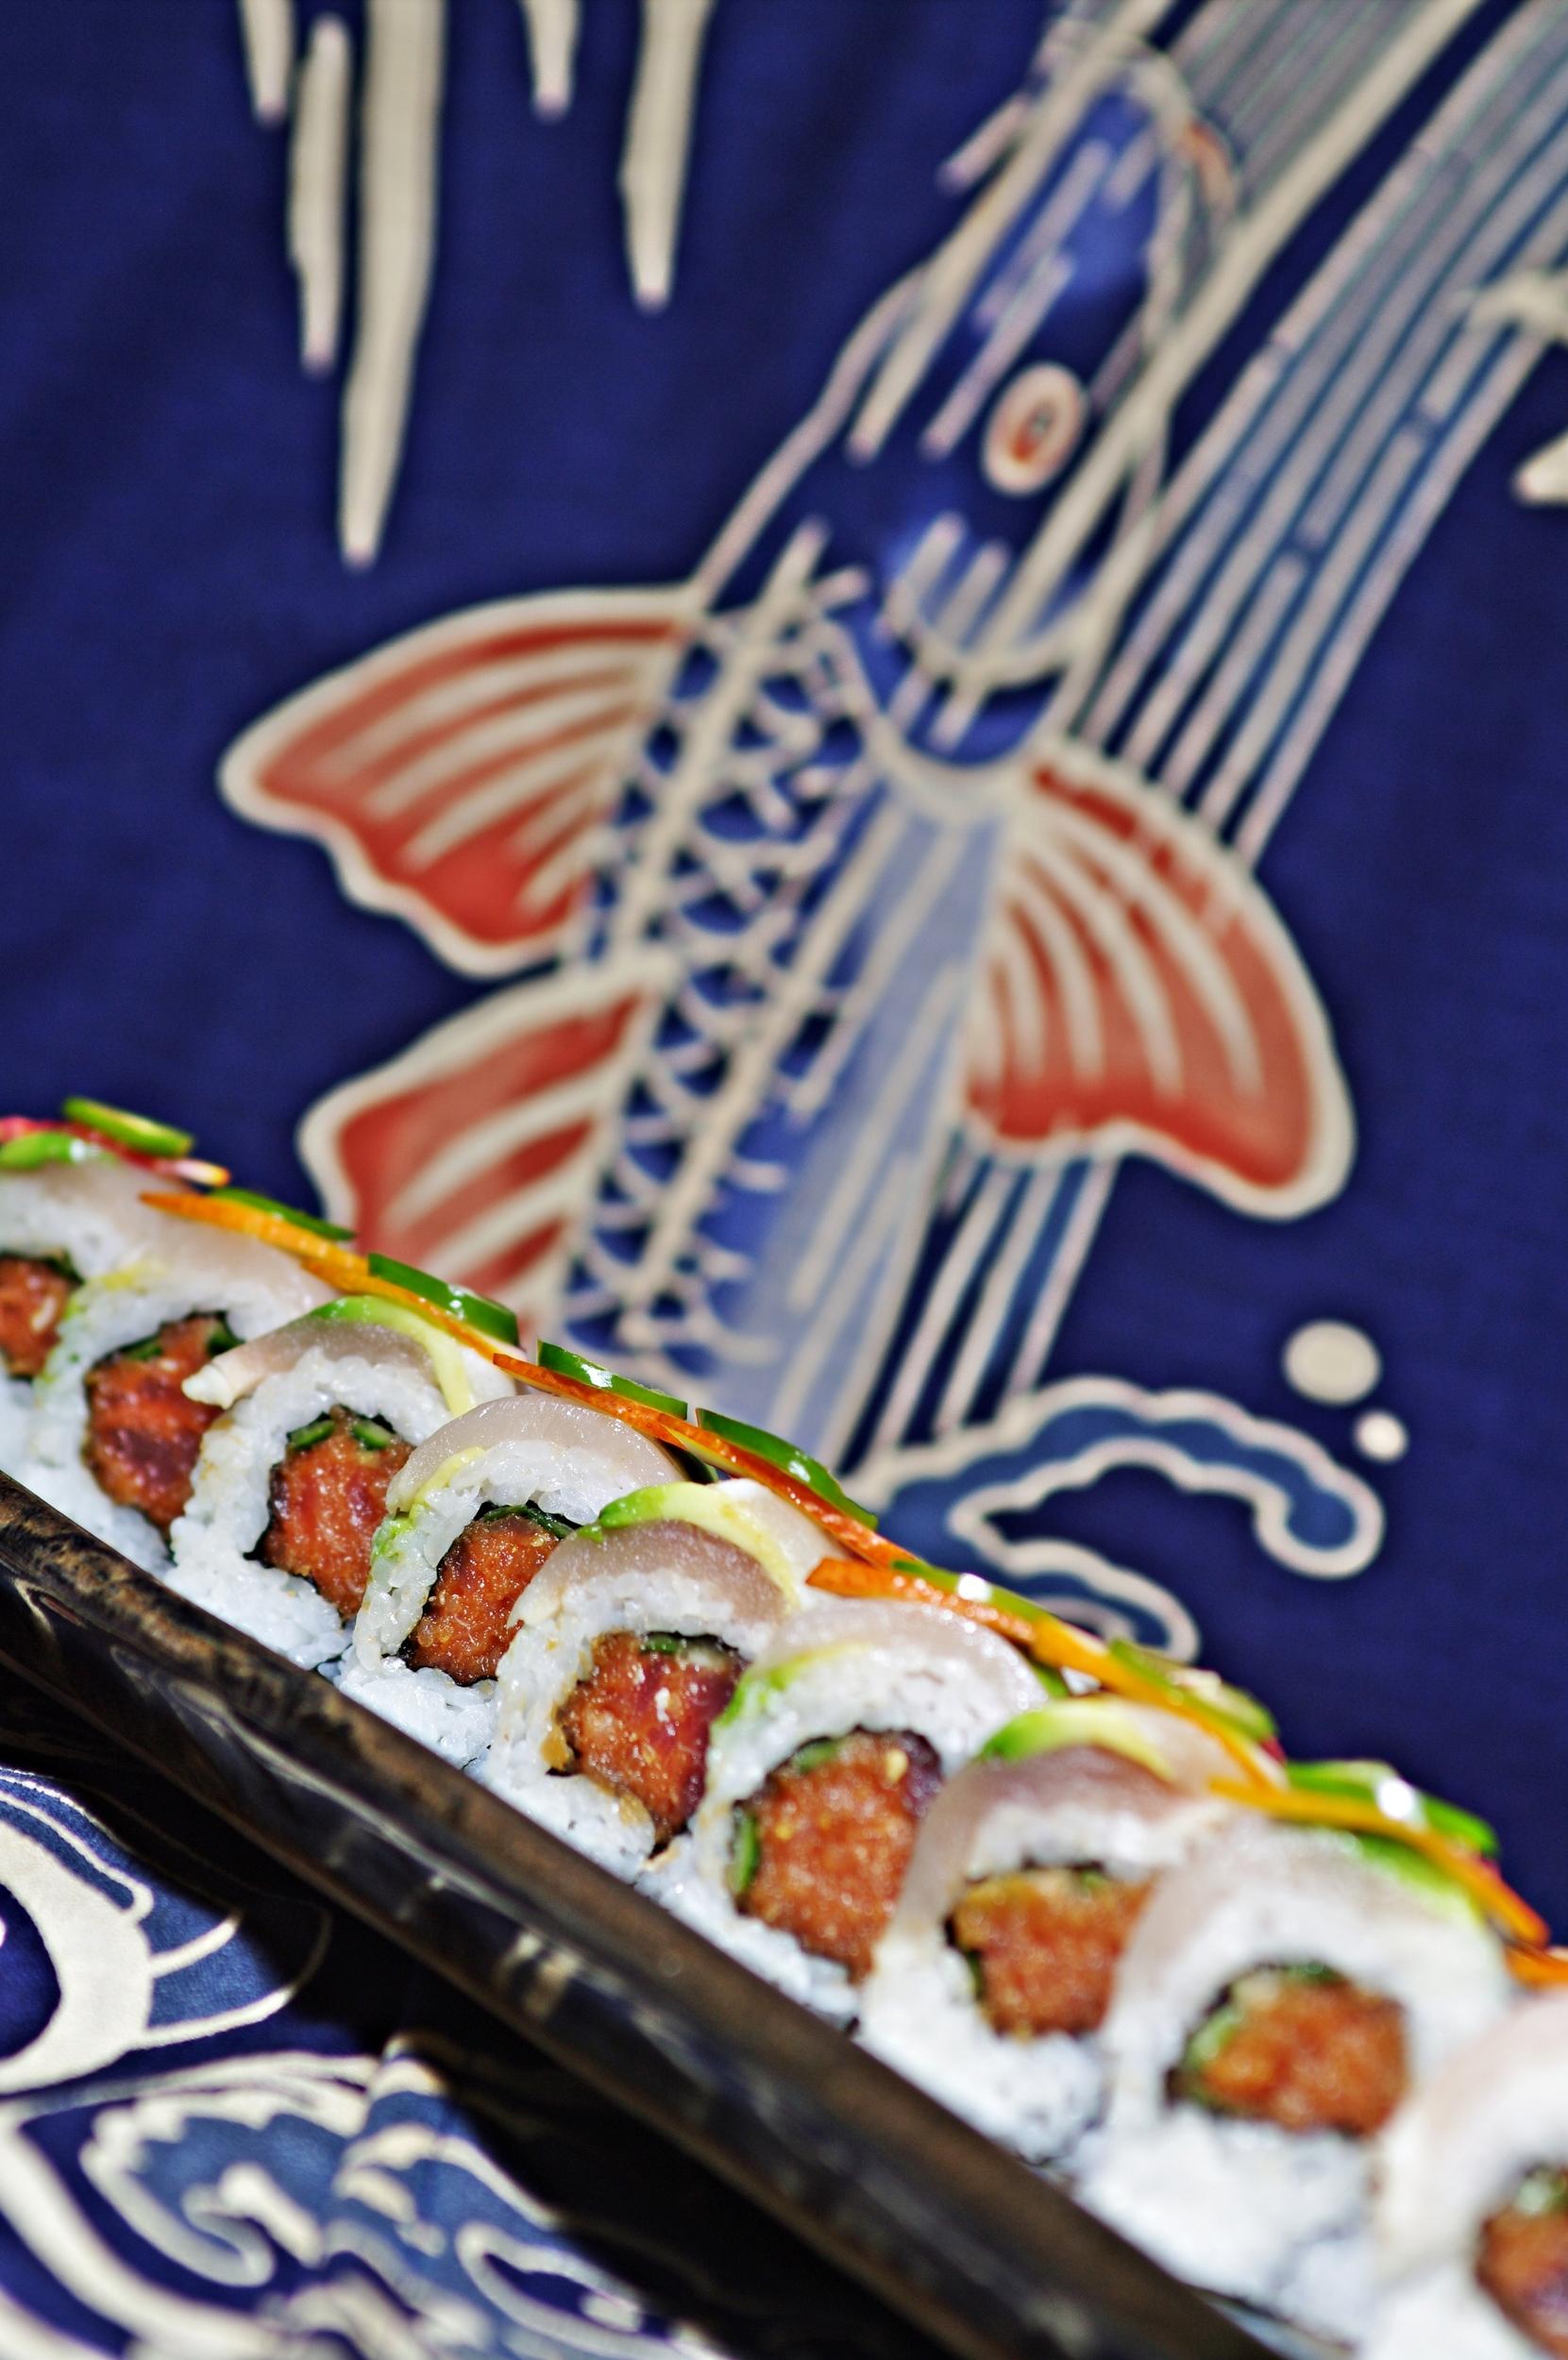 Sushi delights at Saiko Sushi!